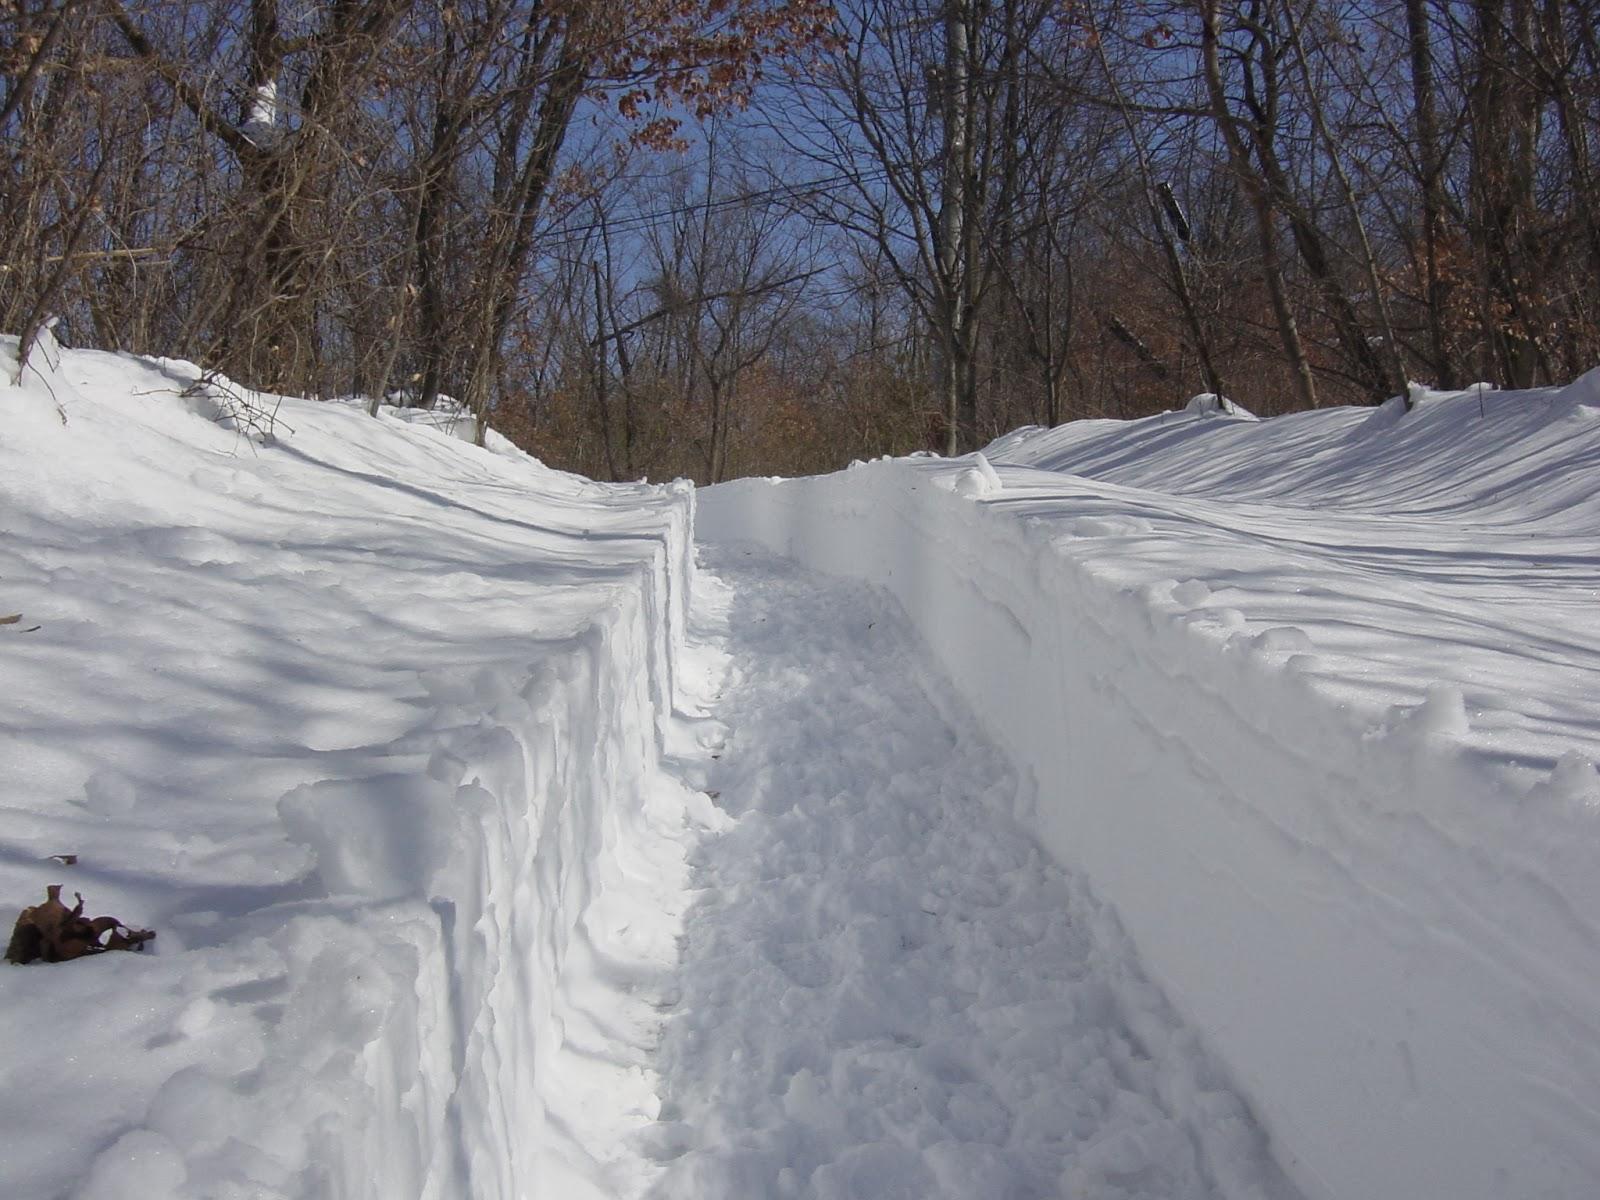 雪かきされた道